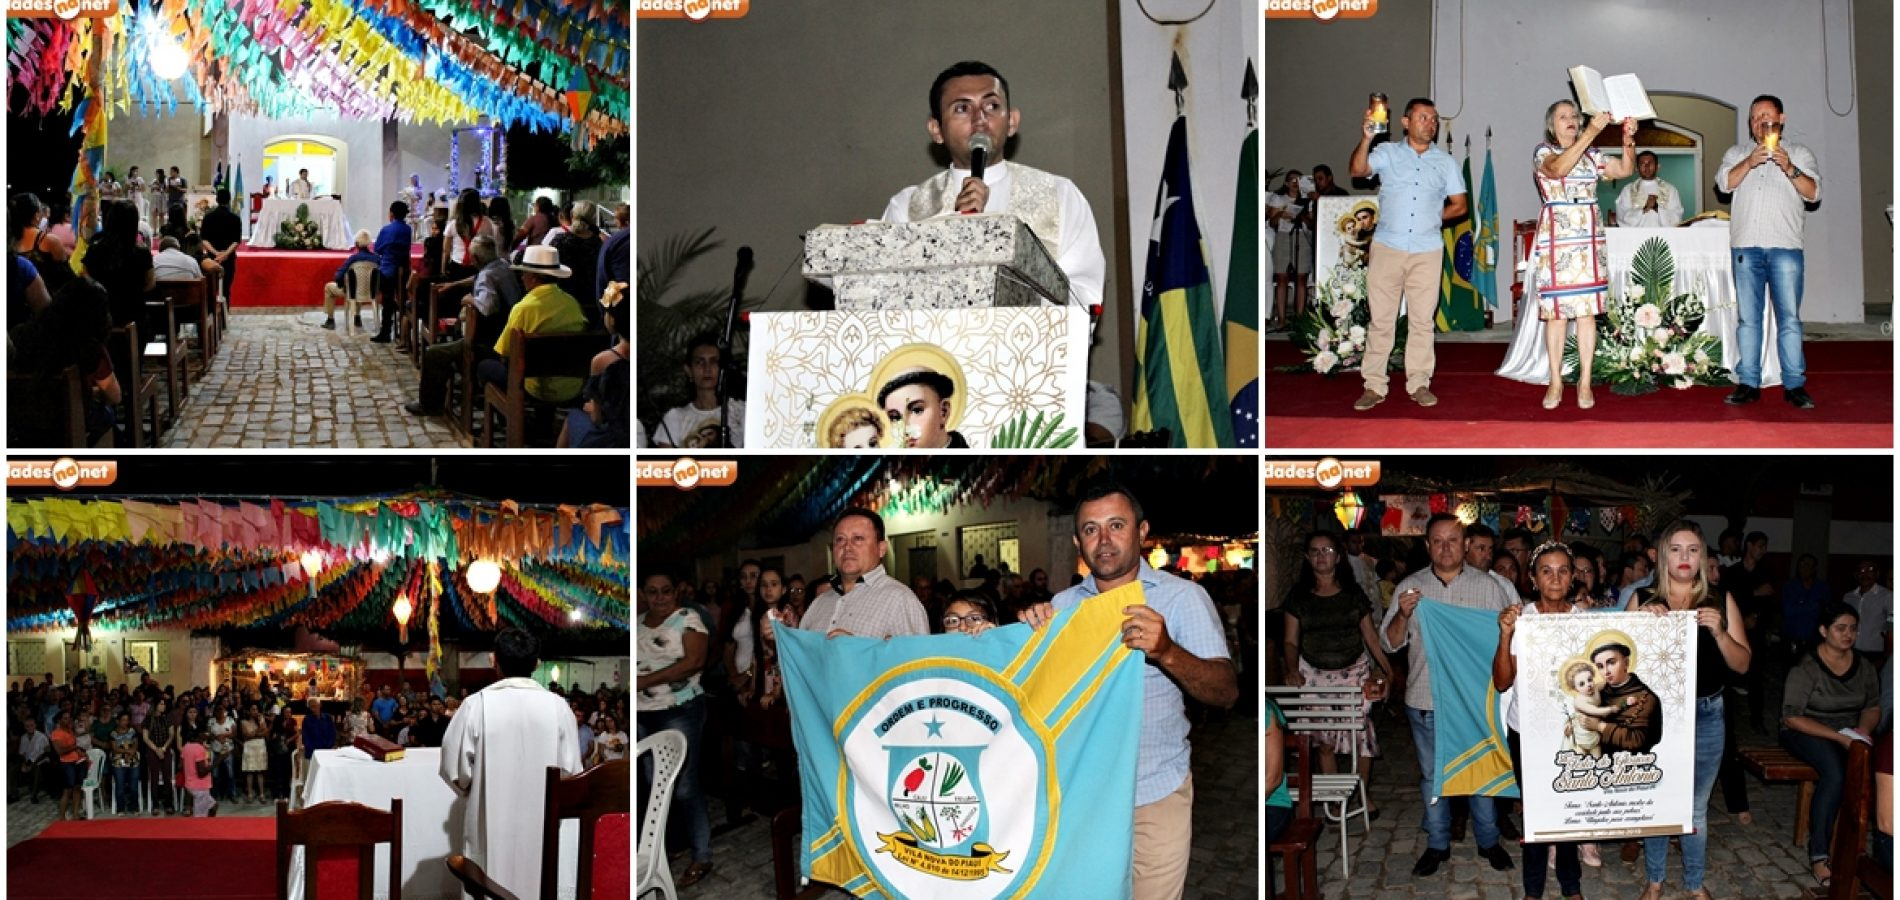 VILA NOVA│Noite dos poderes celebra a 8ª novena e missa no festejo de Santo Antonio; veja fotos